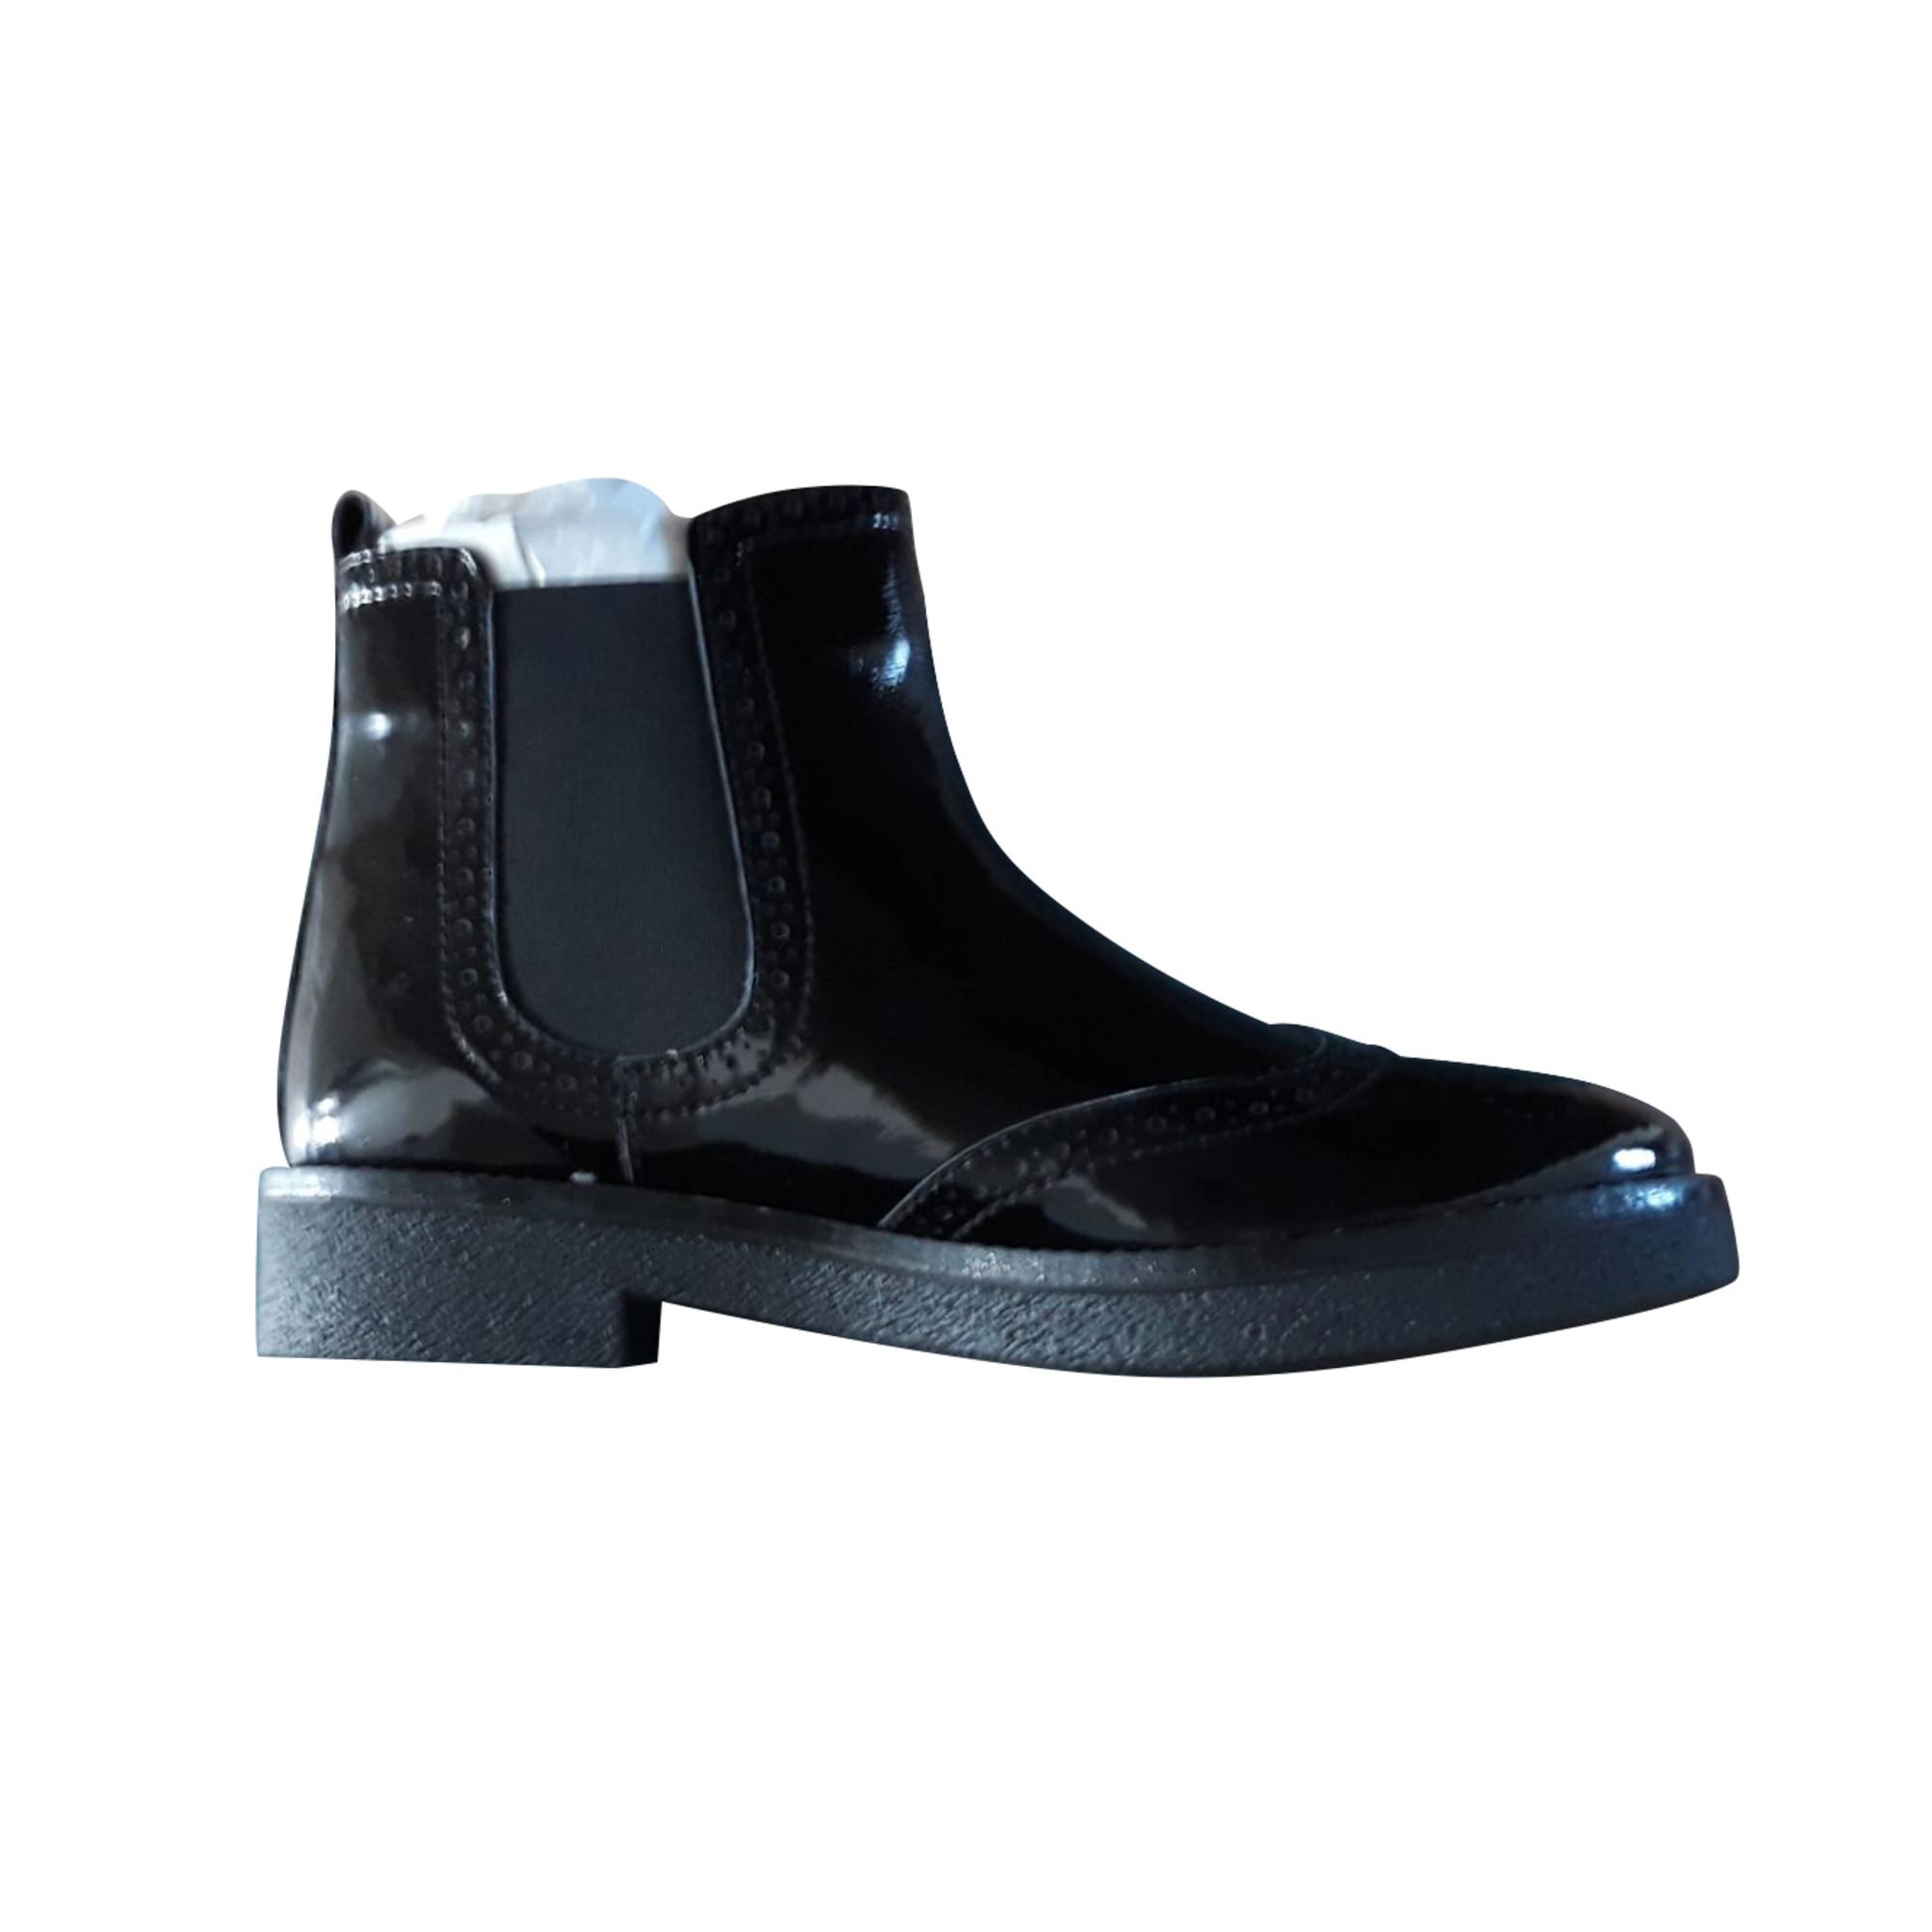 Bottines & low boots plates PEPE JEANS Noir